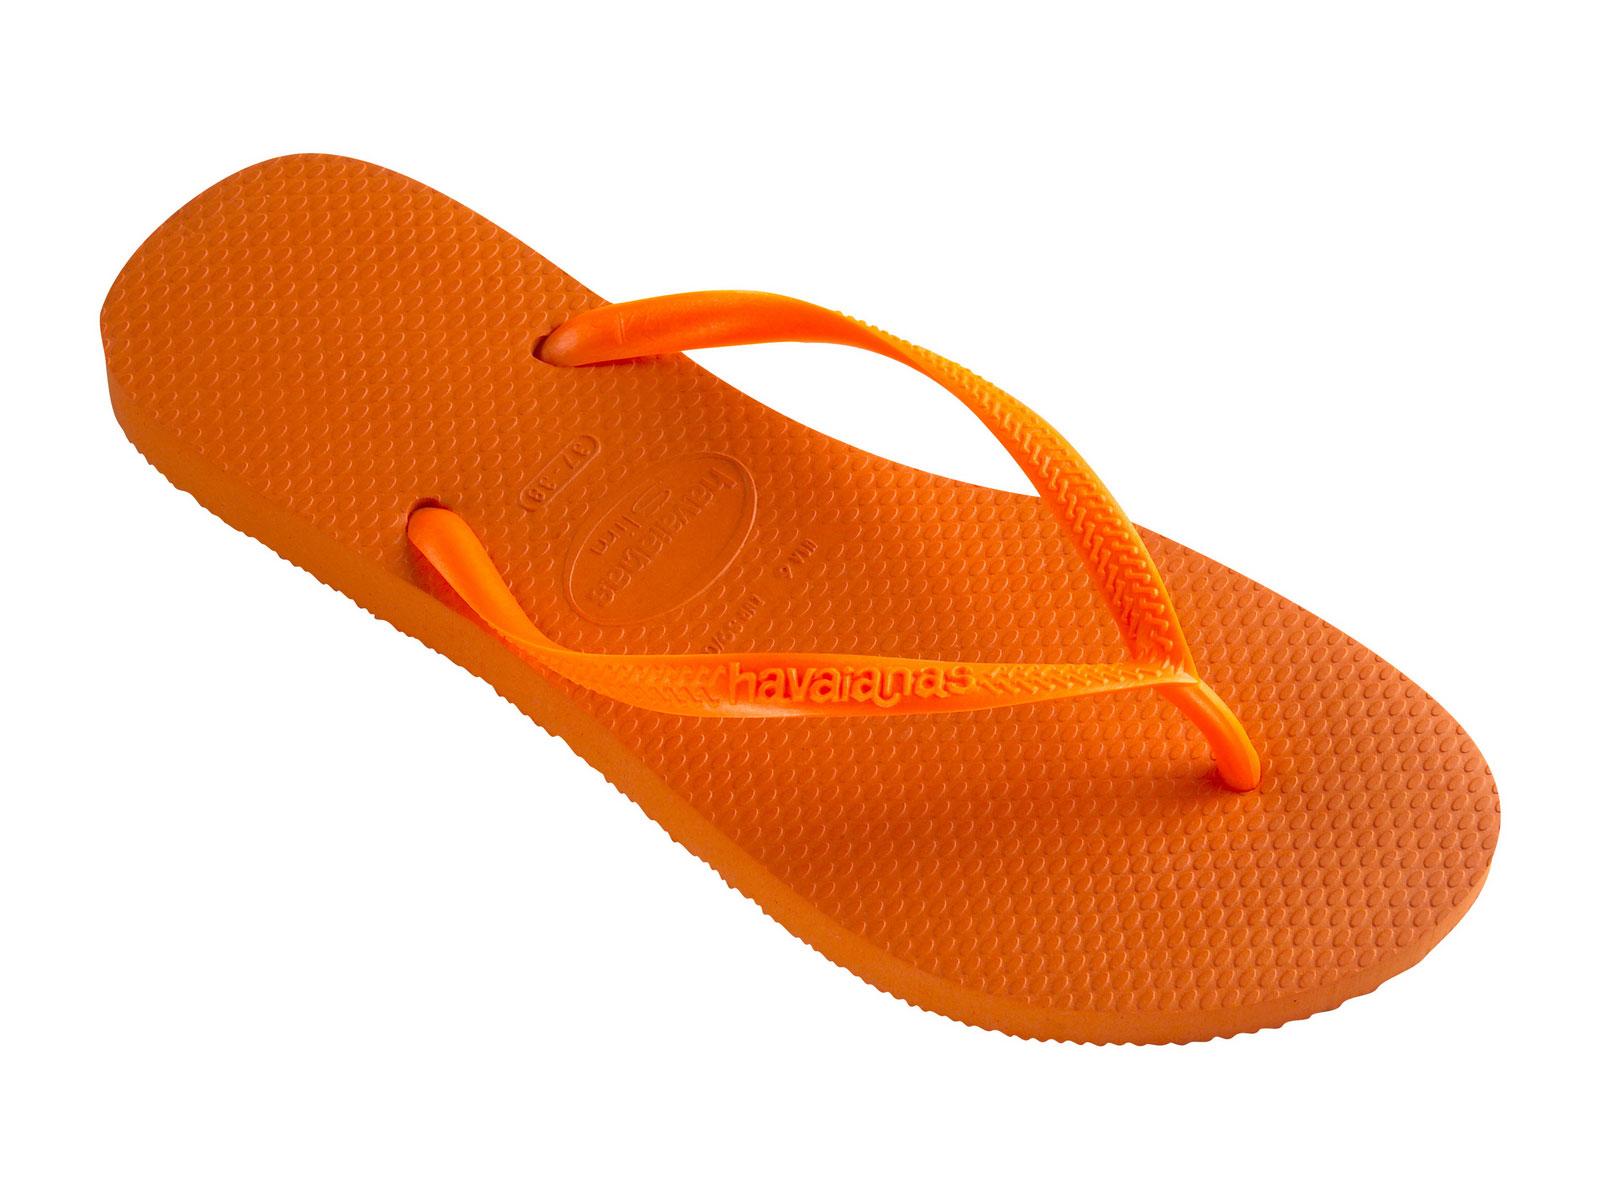 2c2f3f5ea131 Flip-Flops Flip-flops - Slim Neon Orange - Brand Havaianas